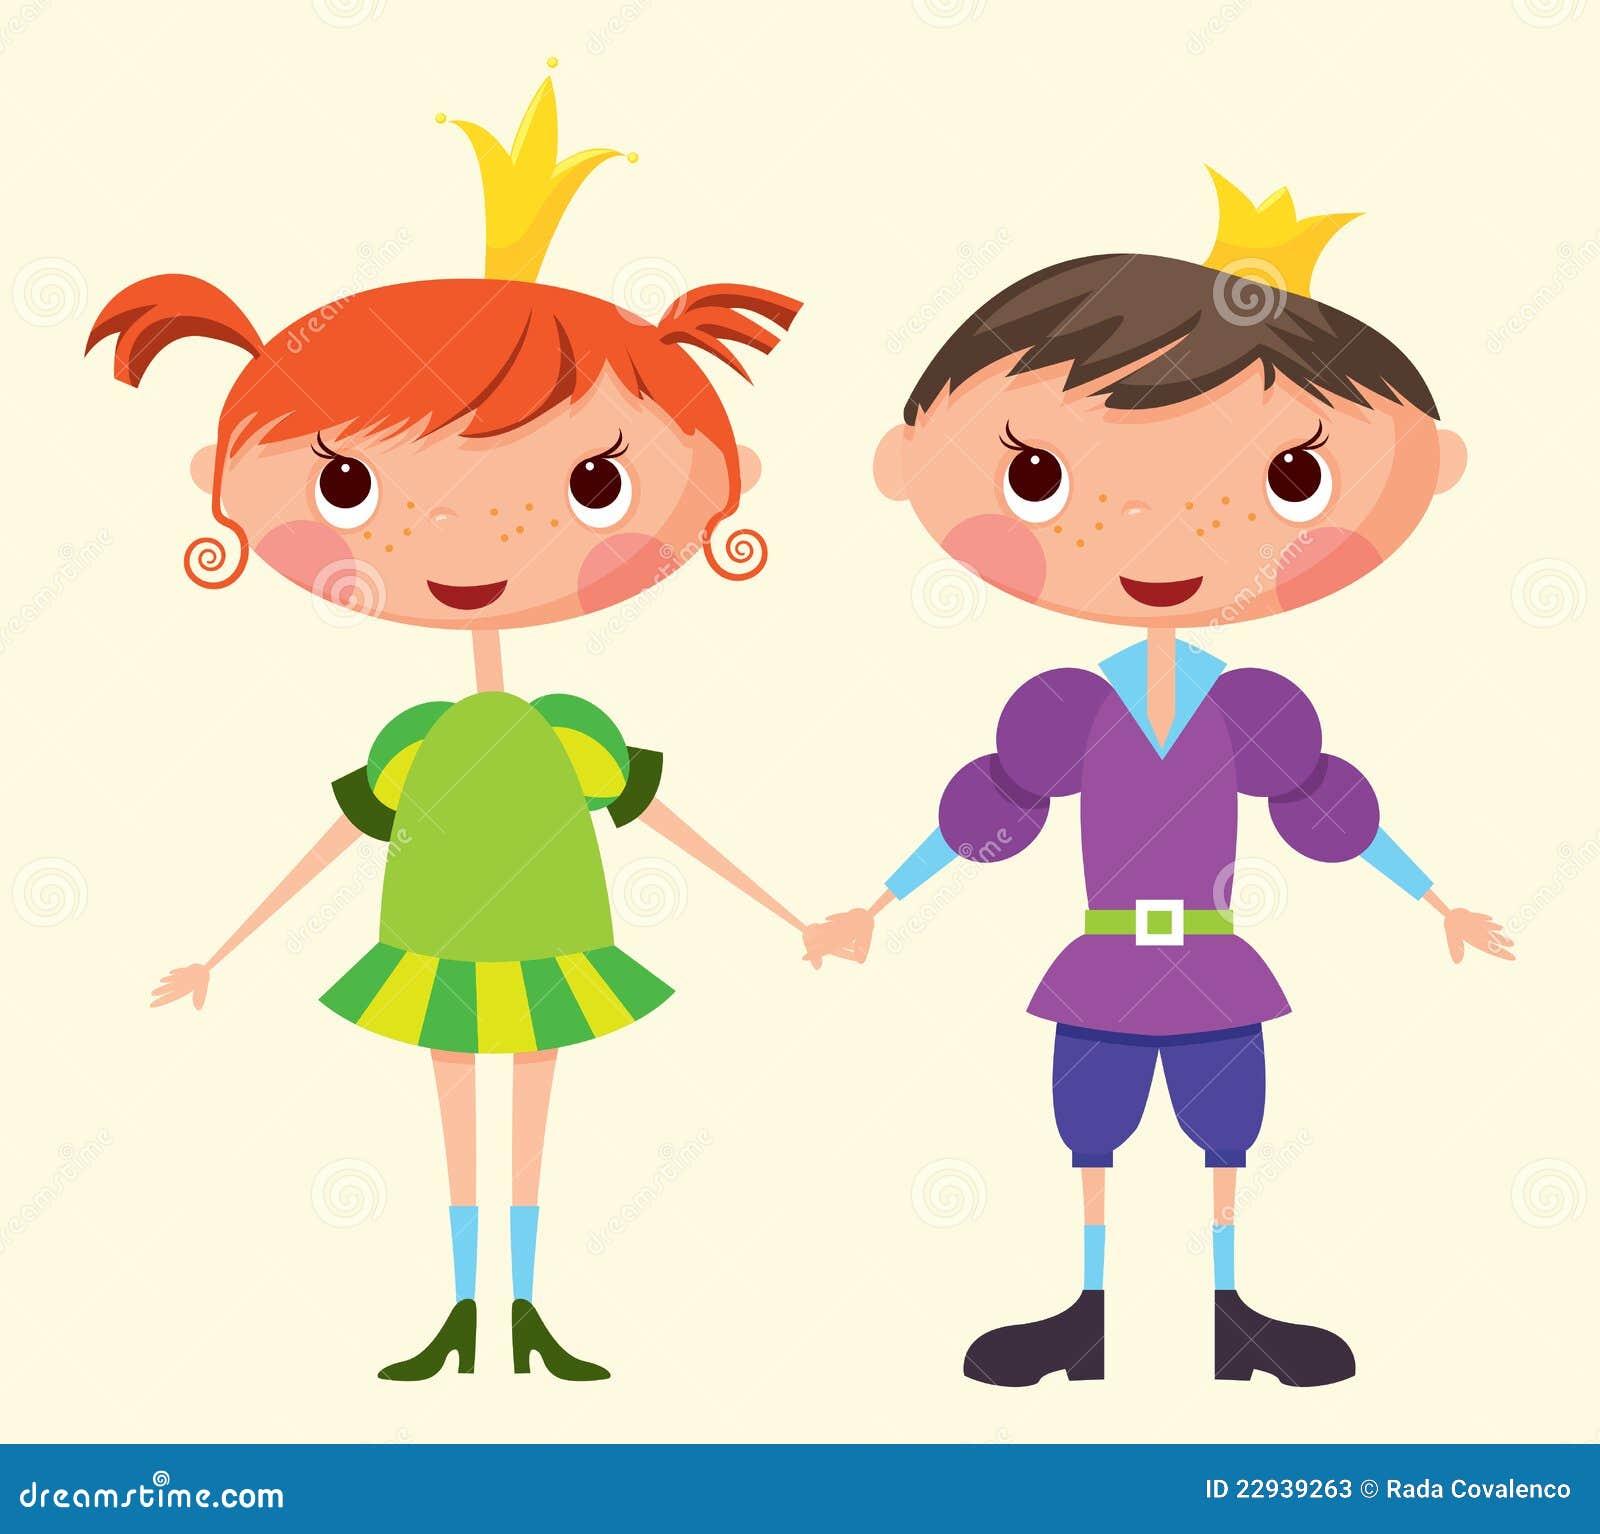 Prince et princesse illustration de vecteur illustration du fille 22939263 - Prince et princesse dessin ...